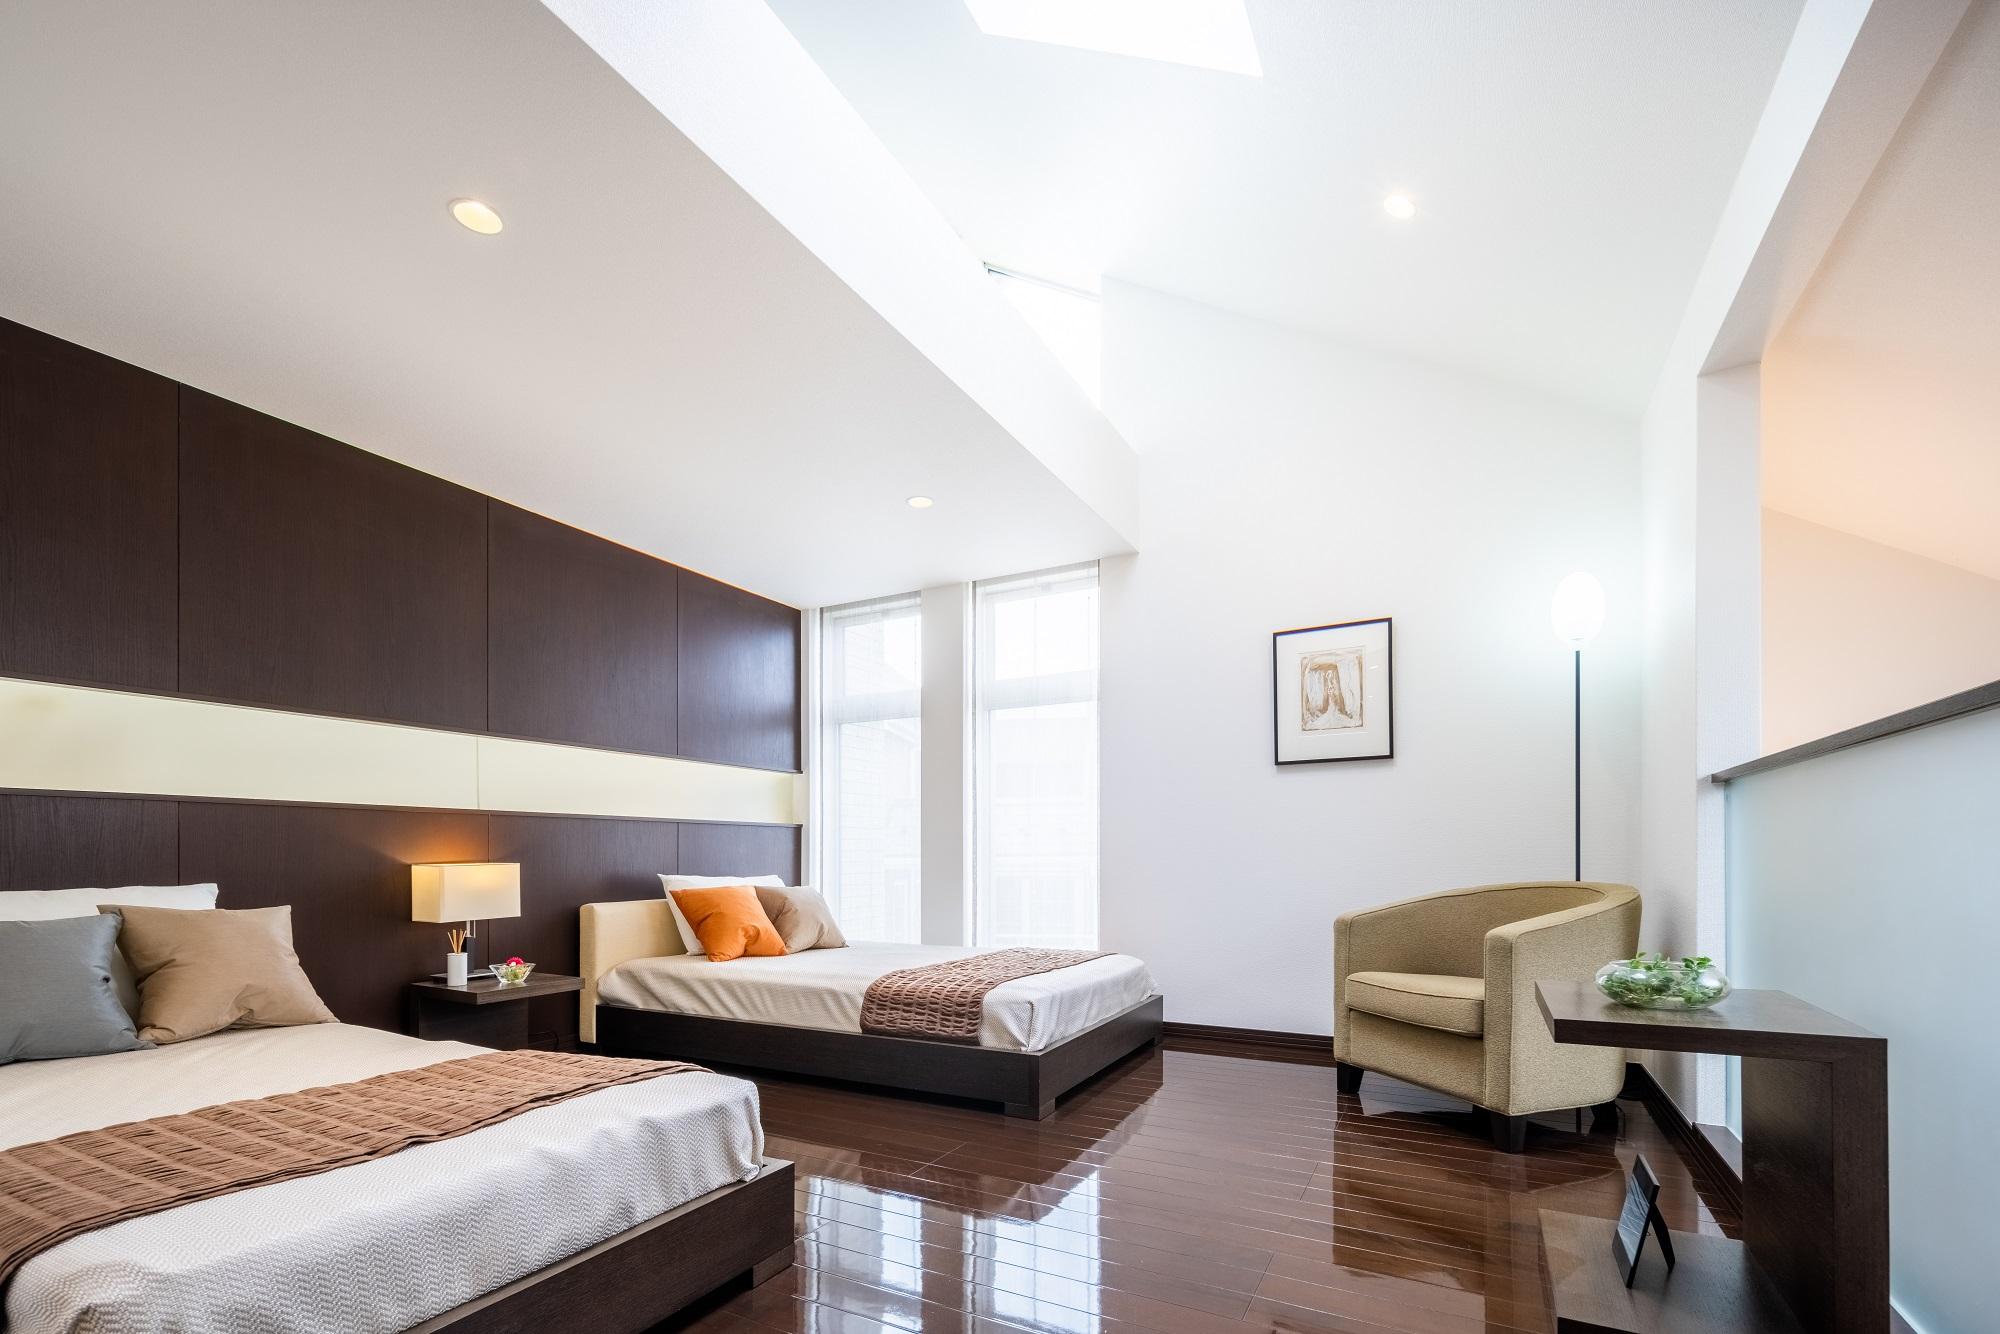 勾配天井が開放的な主寝室。夜になると間接照明の温かな光が空間を包んでくれます。